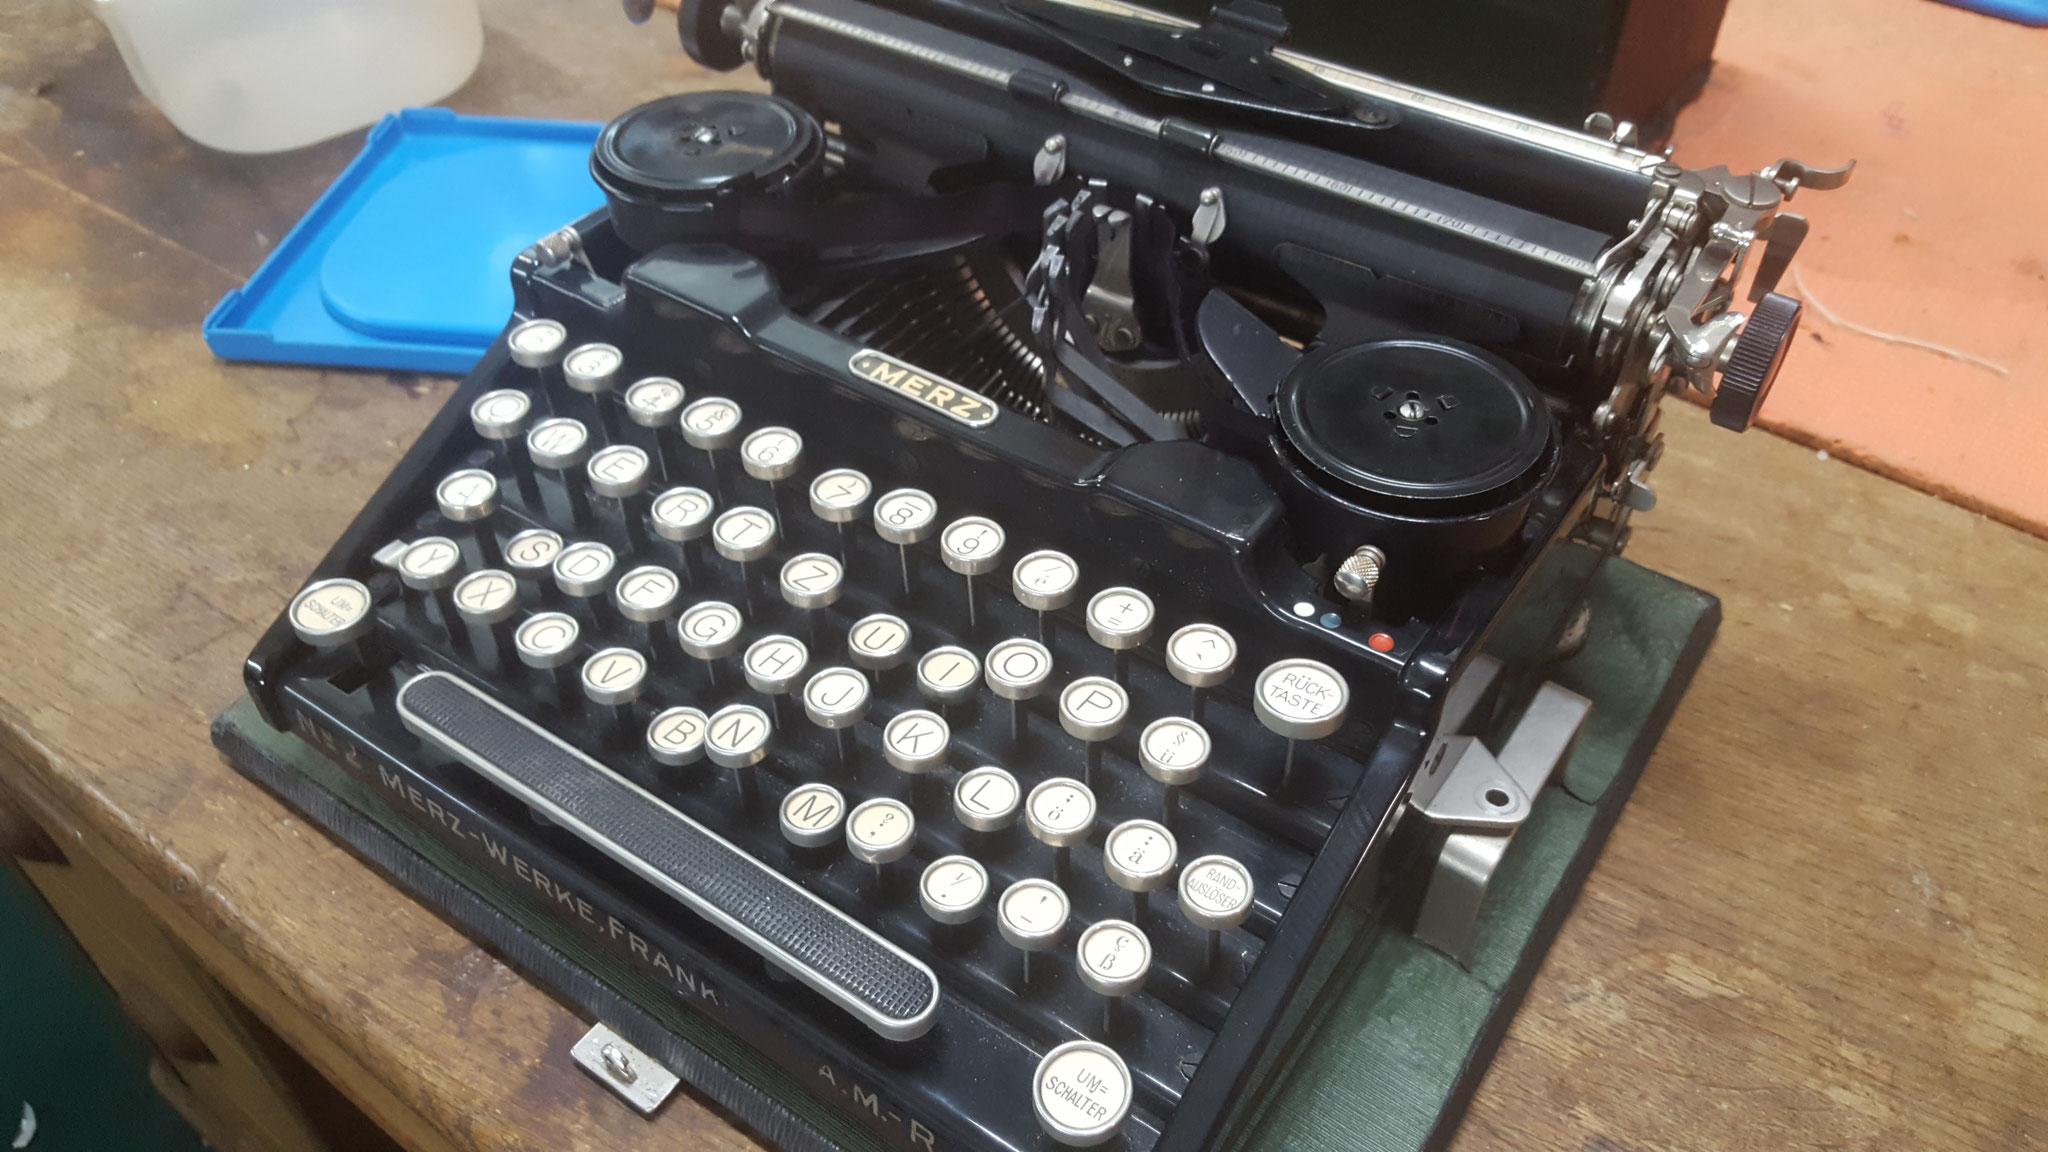 Tasten klemmen, da Schreibmaschine schmutzig ist.